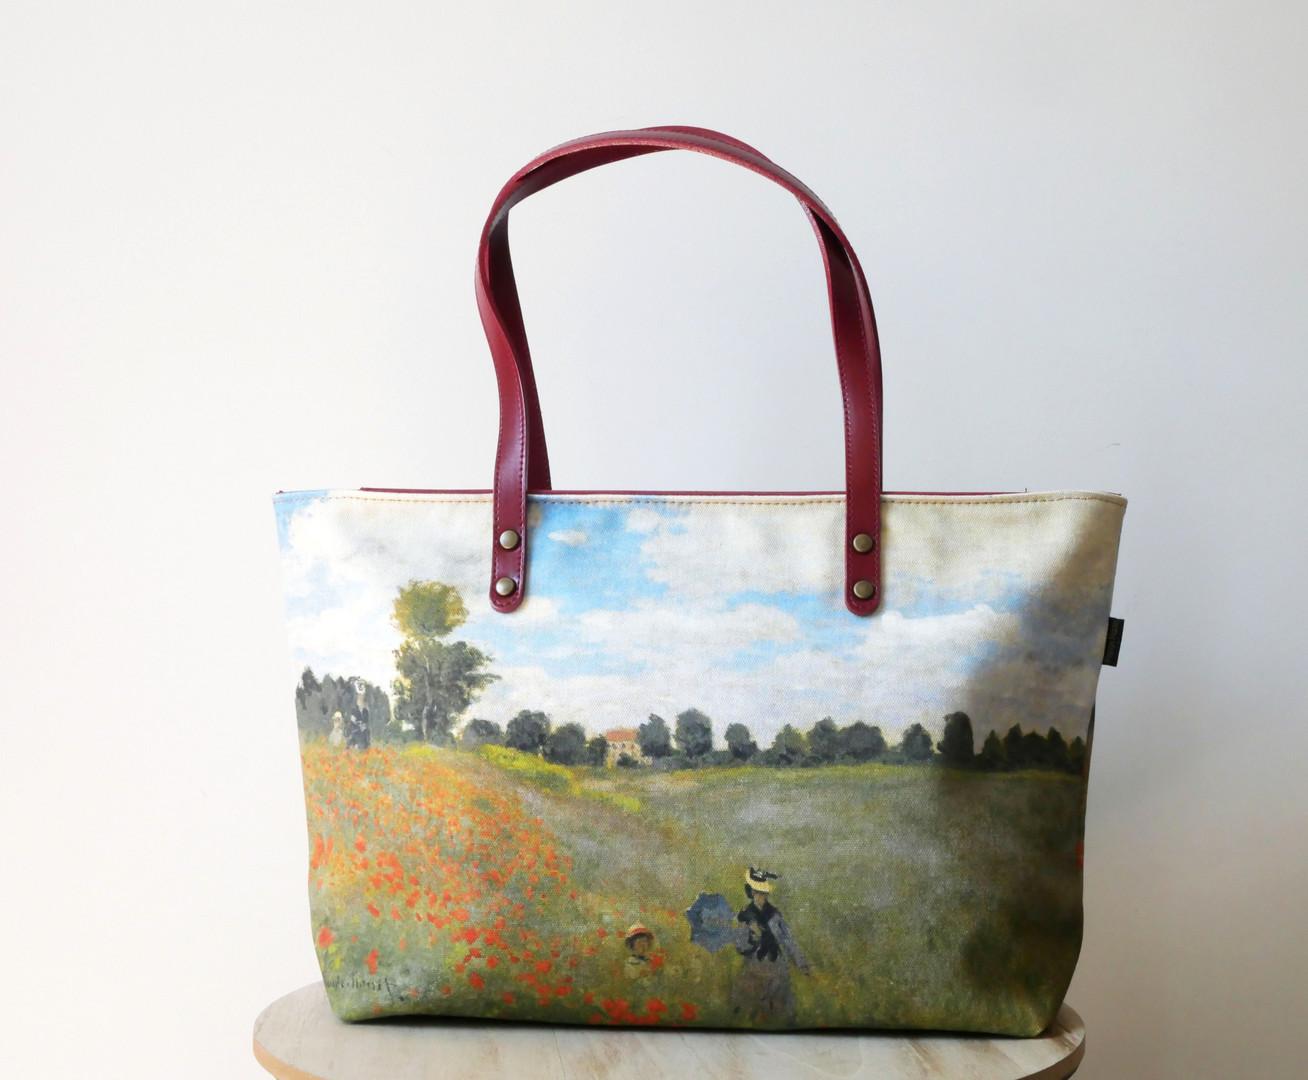 """Maison Martin par Royal Tapisserie sac shopping """"Les Coquelicots"""" de Claude Monet (référence 8975M2)"""